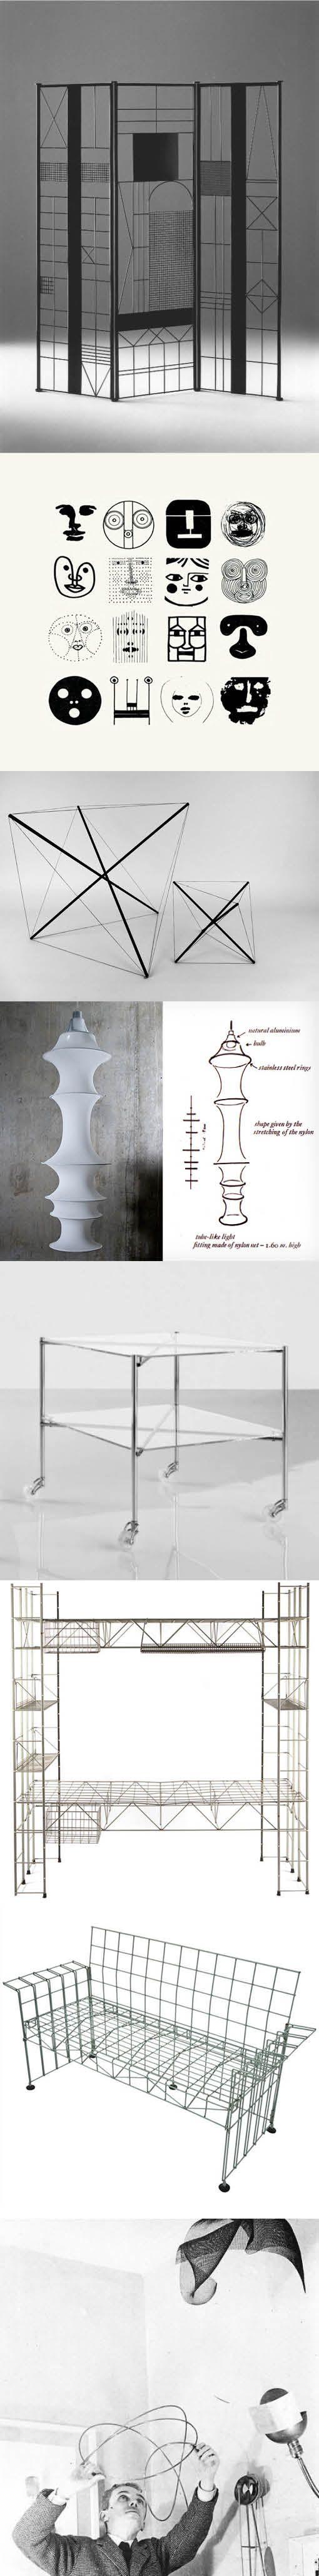 Bruno Munari (1907-1998) / Paravento (1991) / Faces from Design as Art (1996) / Tensile Structures (1990) / Danese Milano Falkland Lamp (1964) / Robots Biplano table (1972) / Abitacolo bed (1979) / Abitacola sofa (1972) / Italy